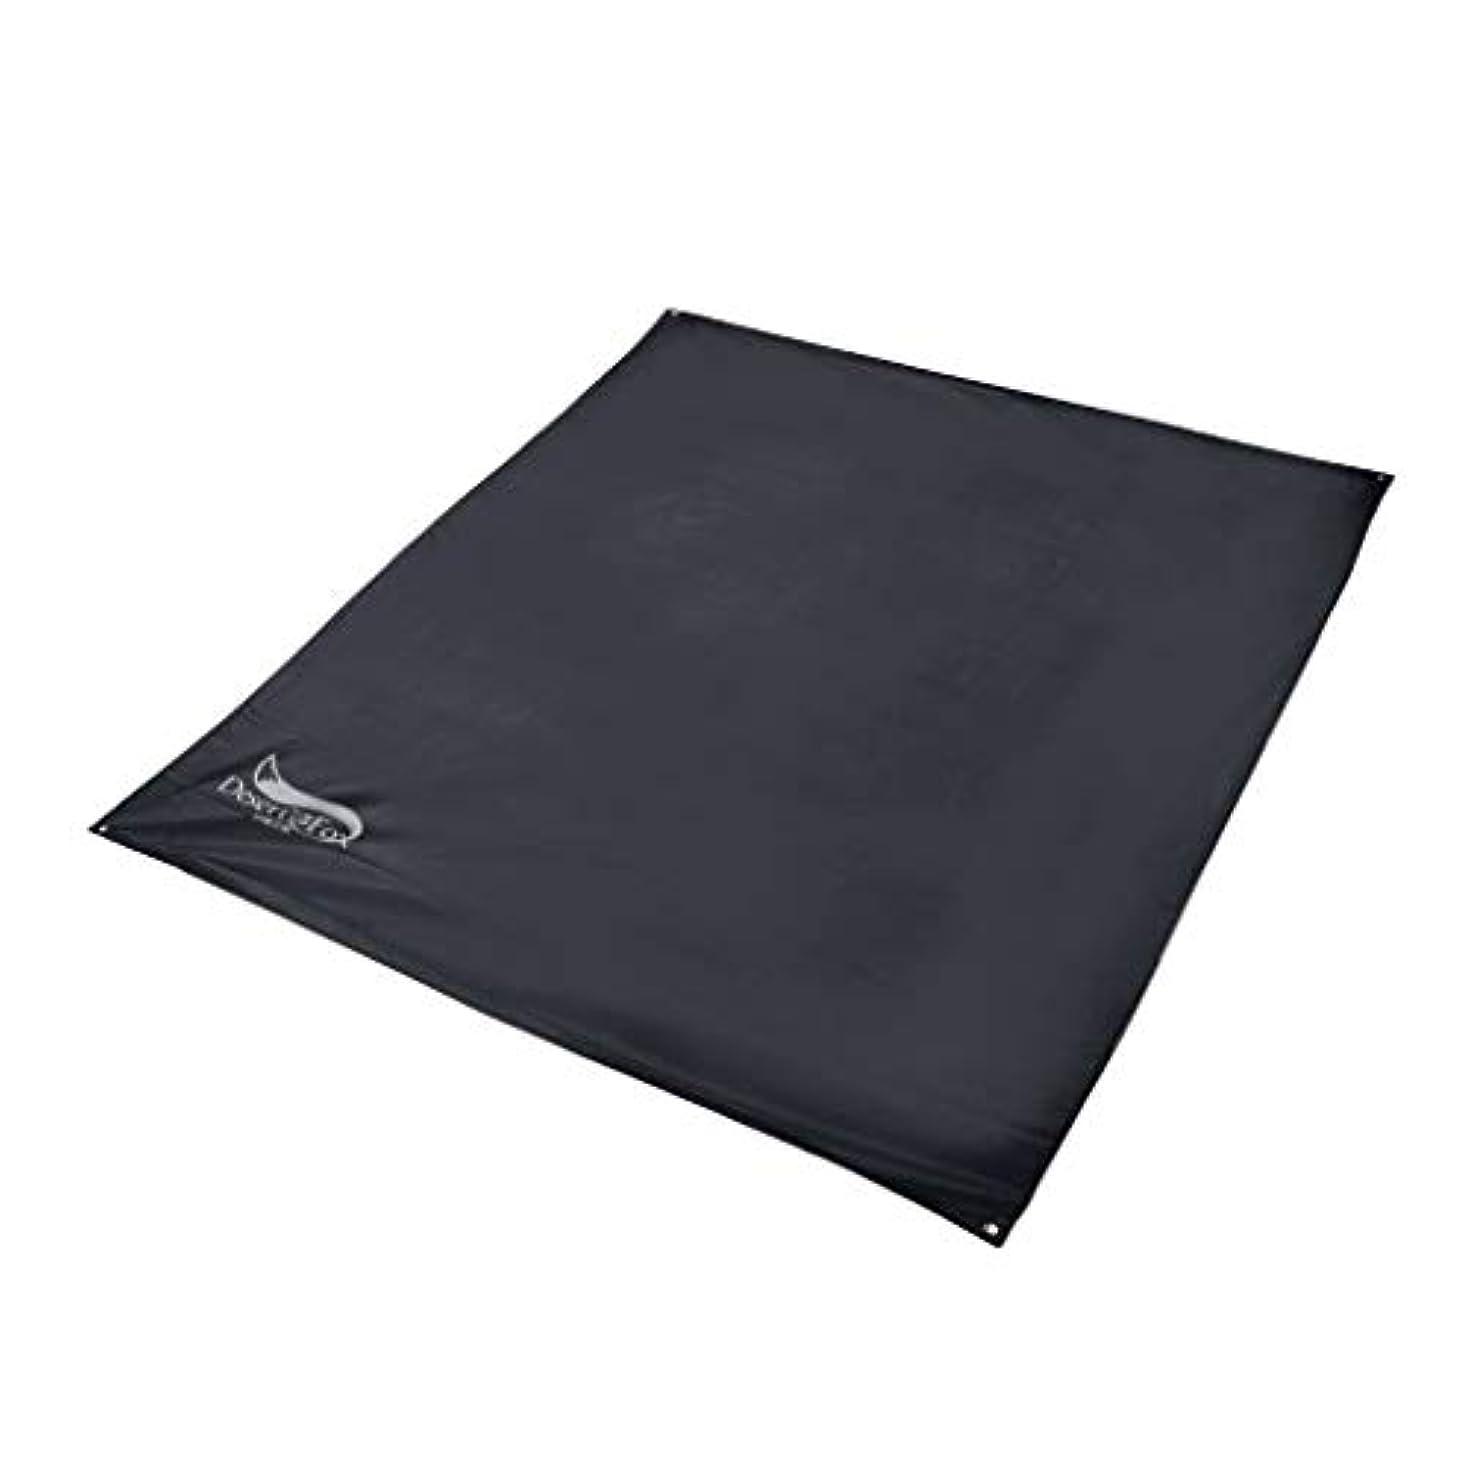 誕生広告主ハンディキャップD DOLITY テントグランドシート ビーチブランケット マット サンシェルター フットプリント 全2サイズ